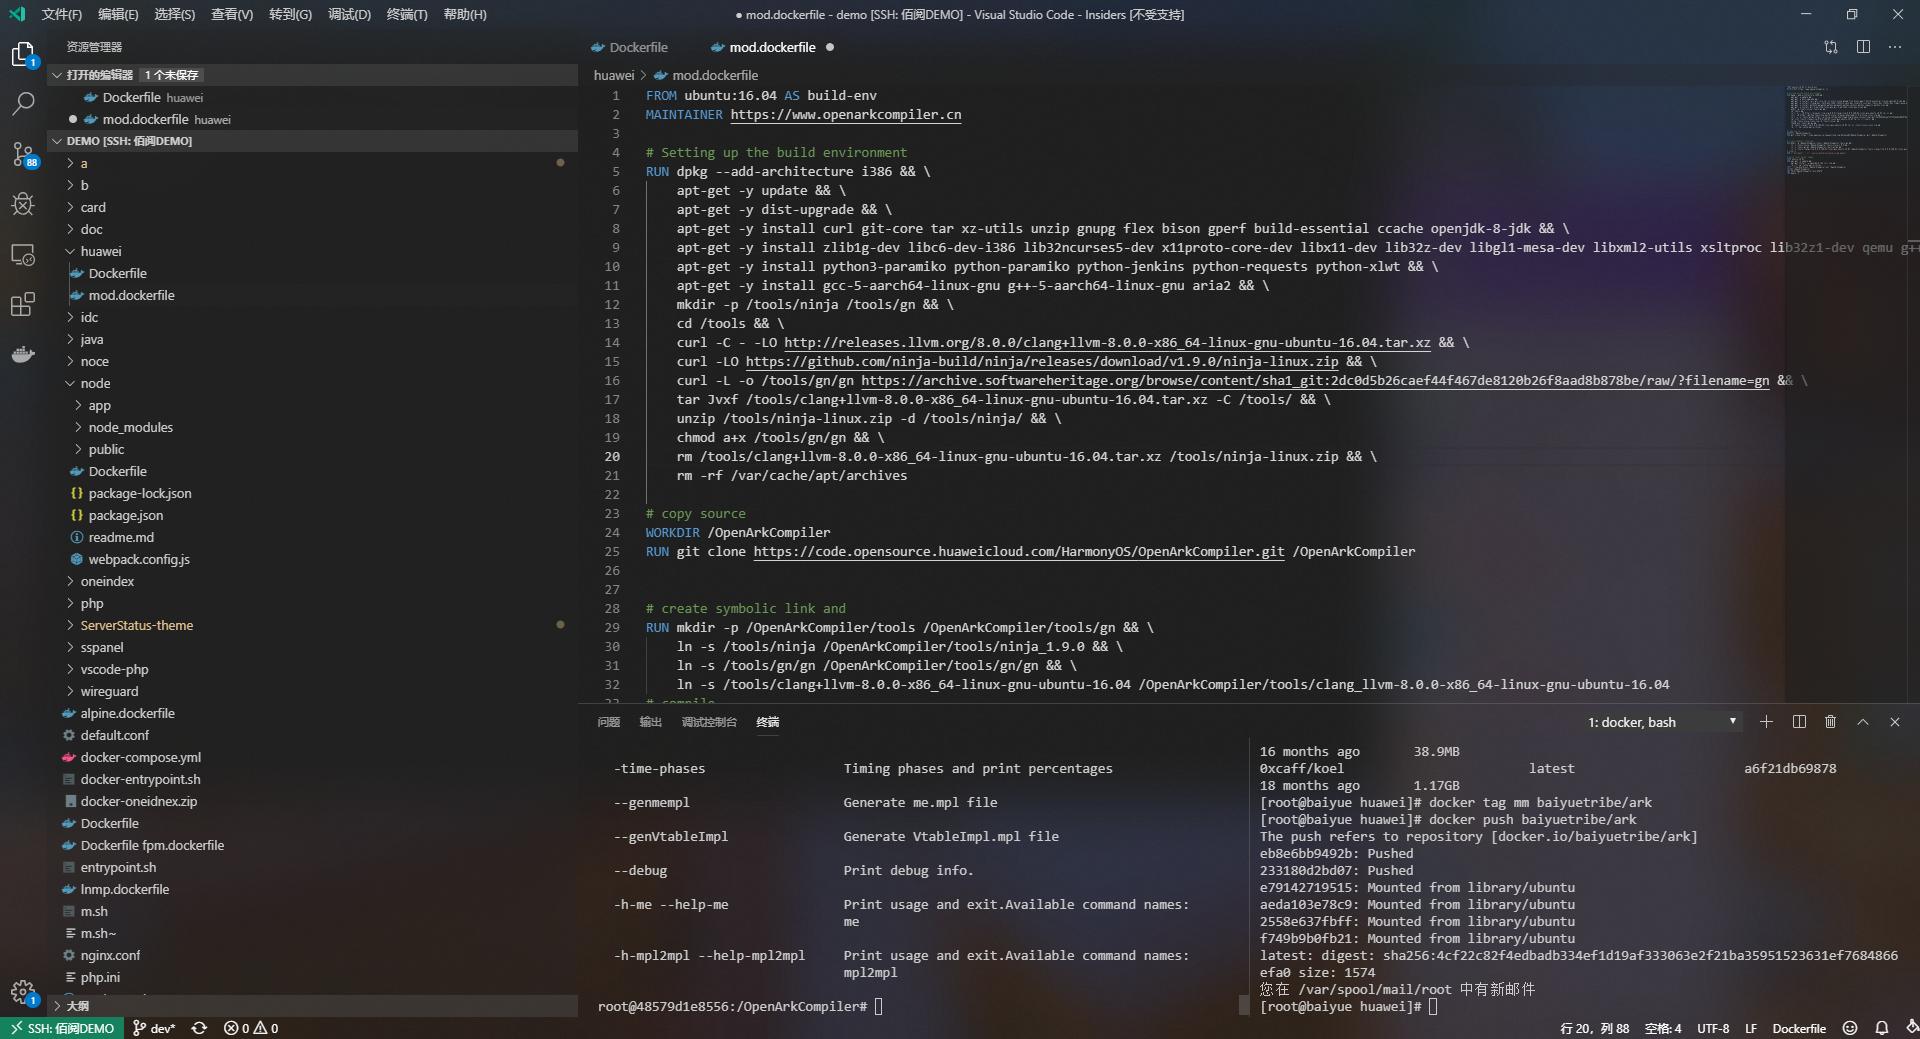 OpenArkCompiler:用Docker编译出华为方舟编译器